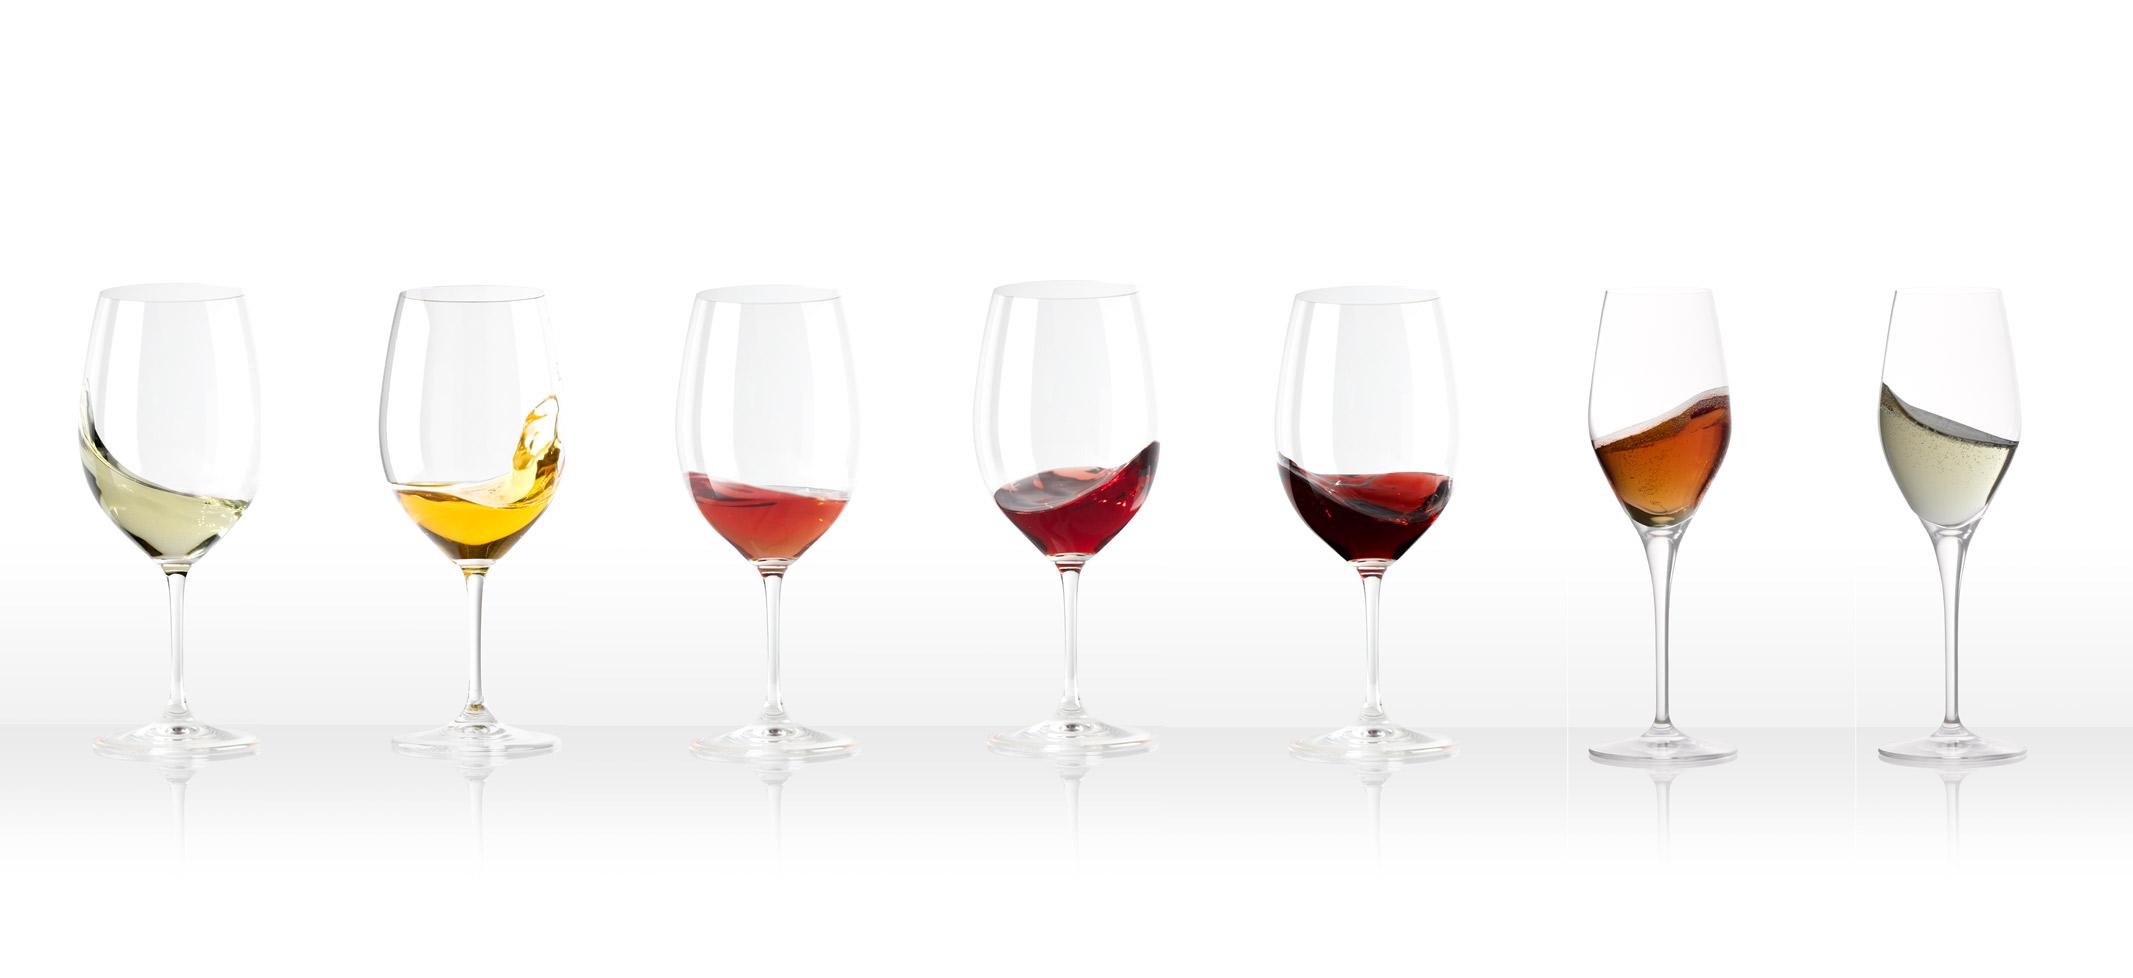 Cave vin de service pour la fra cheur de vos vins - Temperature ideale cave a vin ...